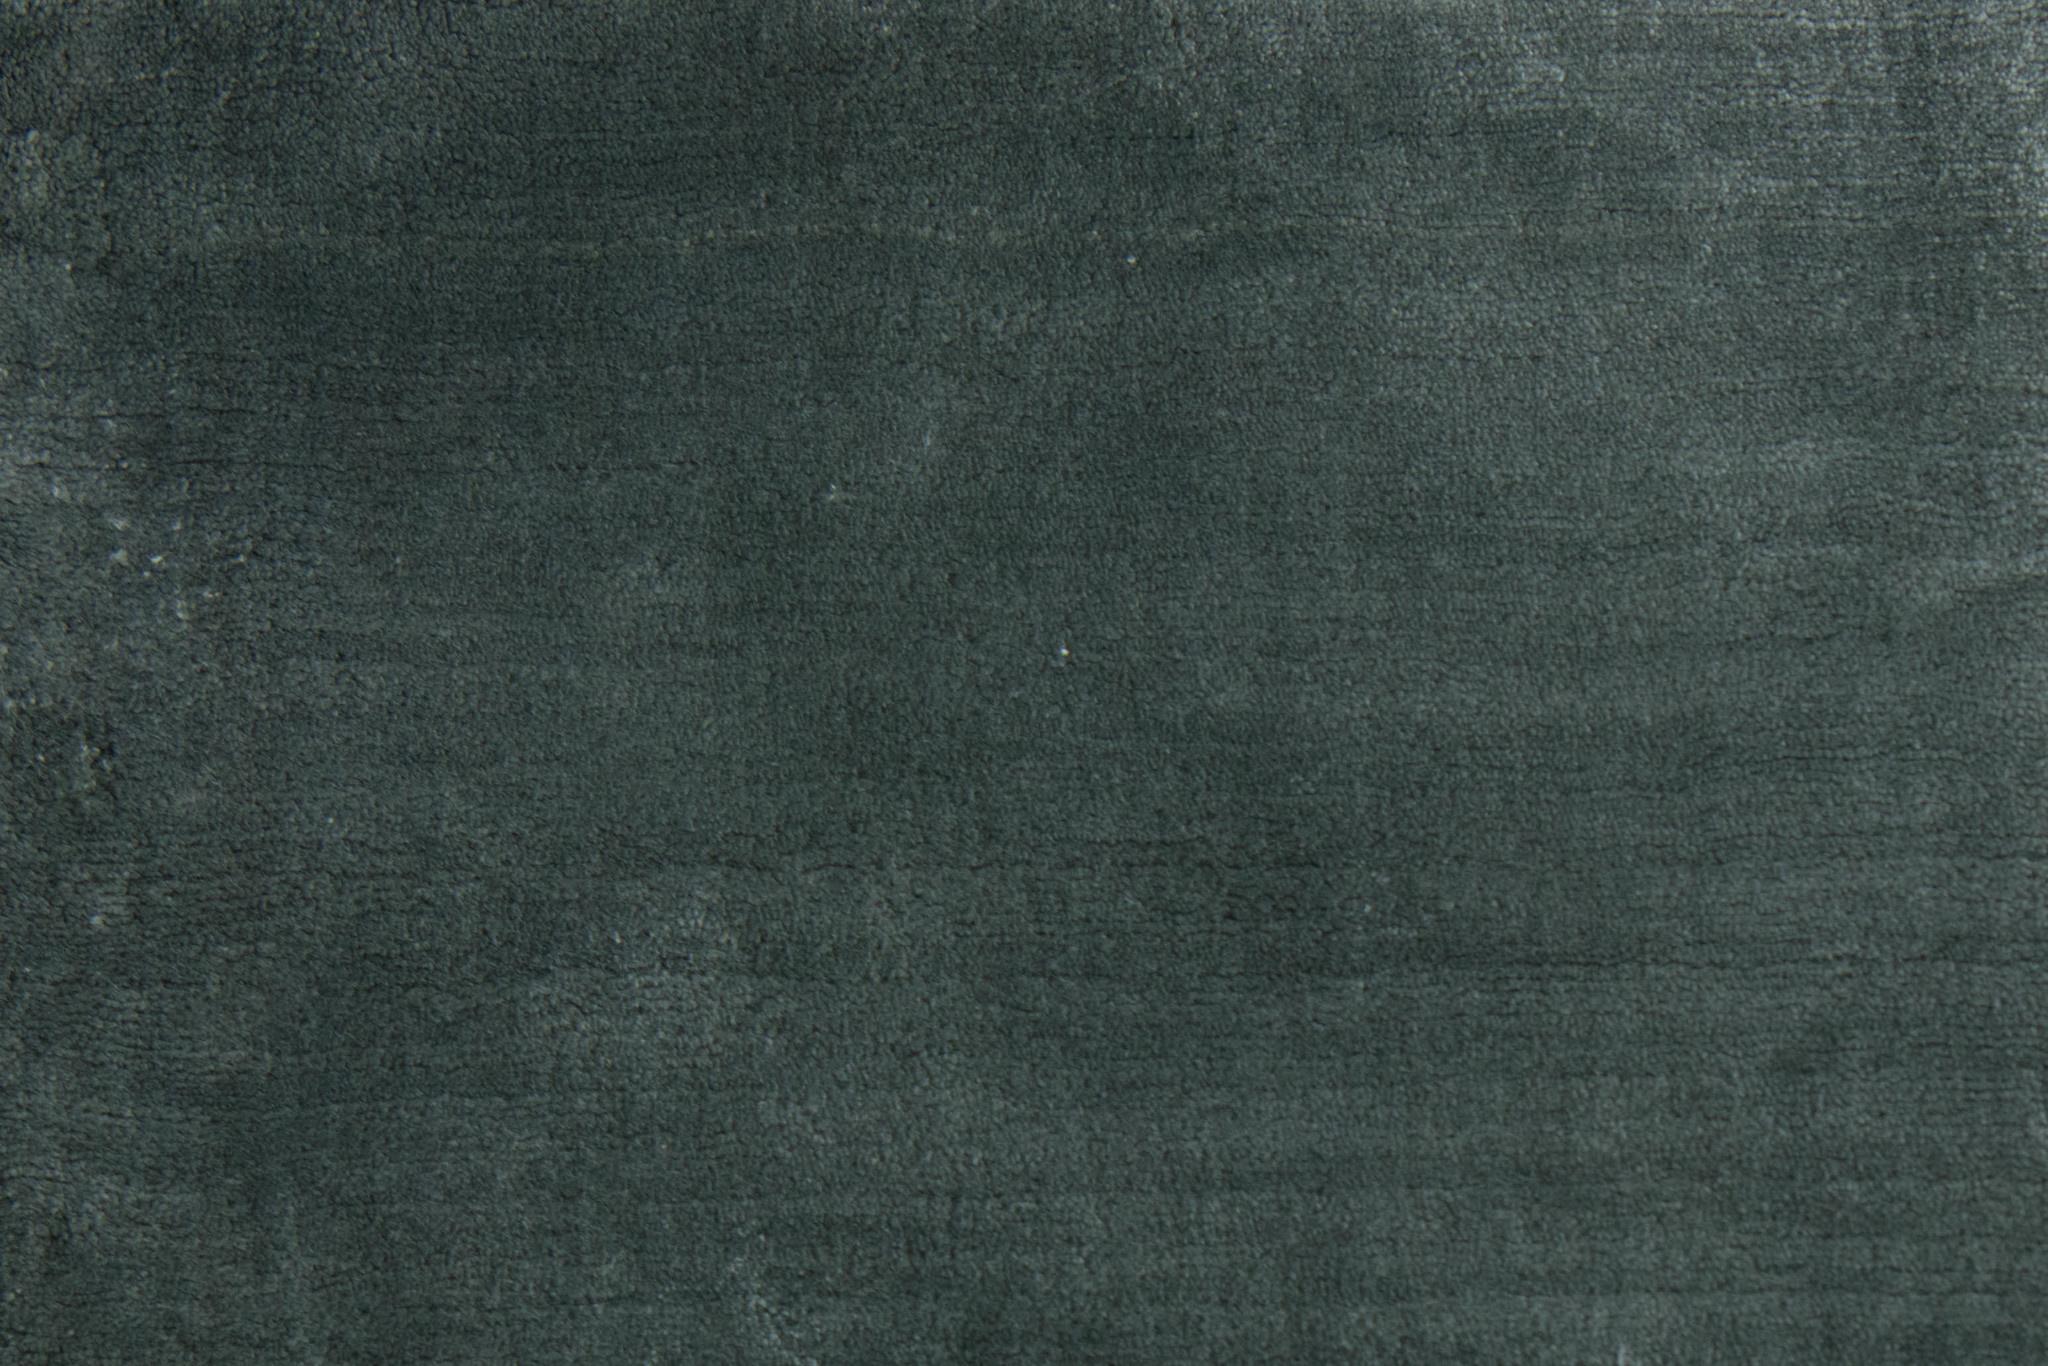 PARMA Carpet Deep Forest 300x400-1